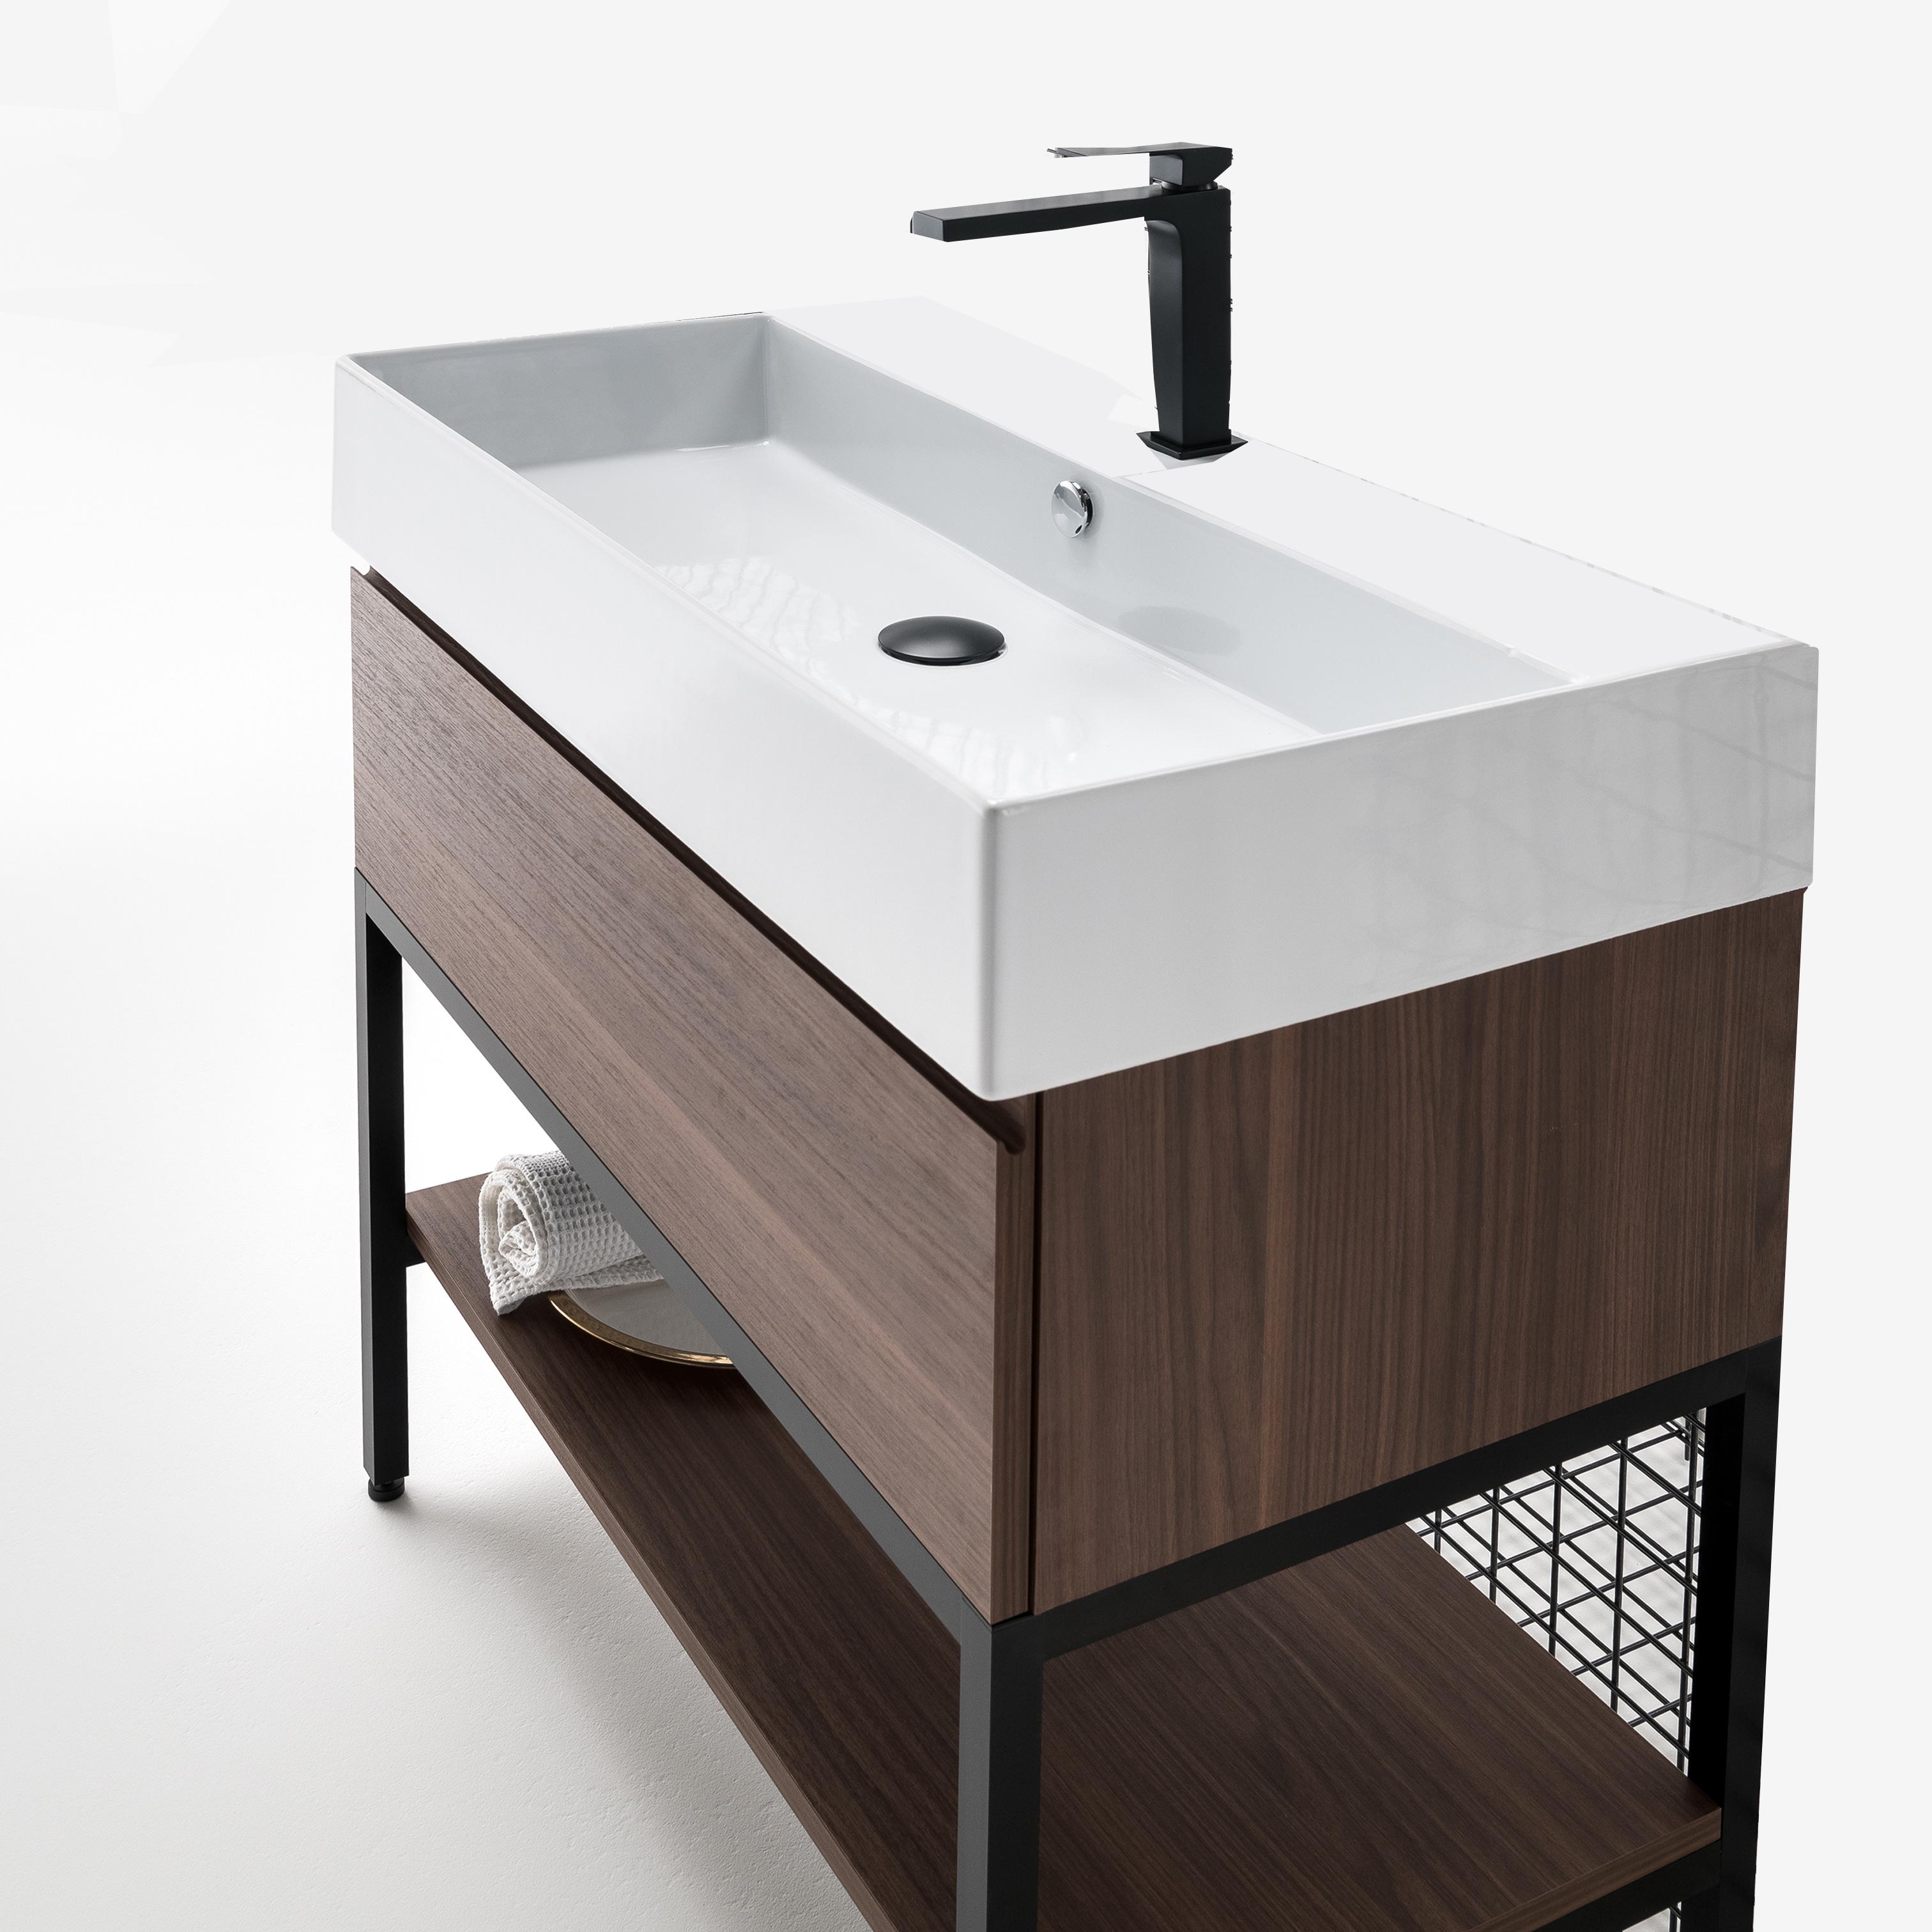 Pedestal Sink Basin Complements Lavabo Satin Vanity Cabinet Vessel Sink Ceramic Basin Units Beveled Edge Bolted Wall Sink Comode Buy Pedestal Sink Basin Complements Lavabo Satin Vanity Cabinet Vessel Sink Ceramic